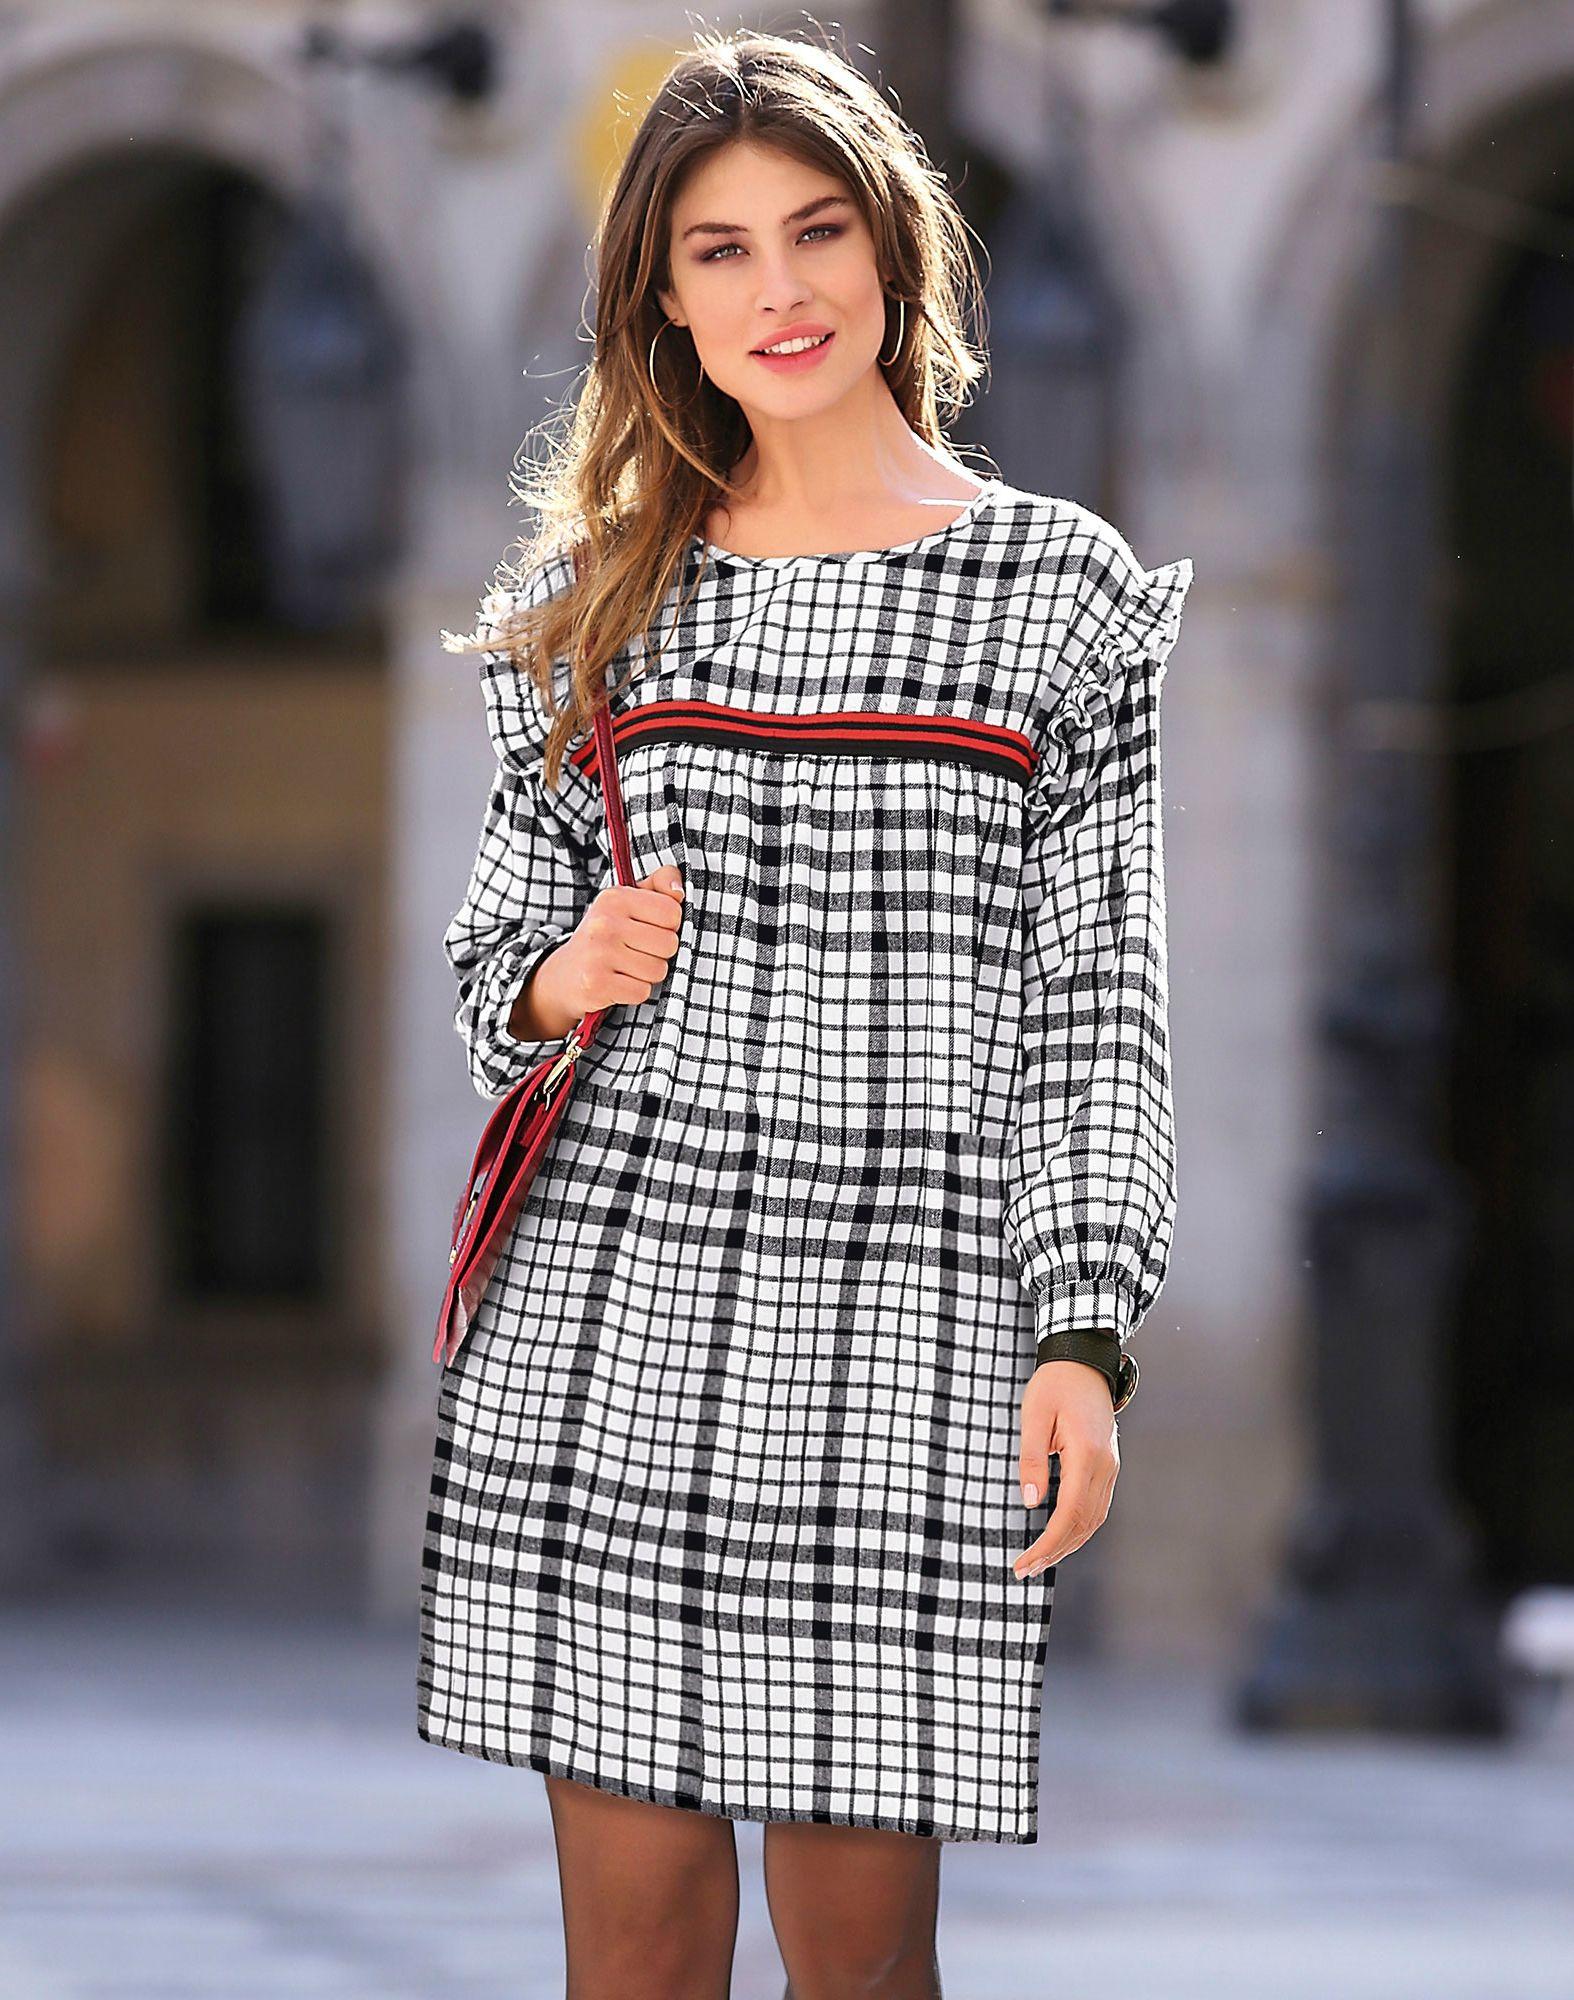 ef5b398cf8e0 Robe courte à carreaux manches longues petits volants femme Exclusivité  3SUISSES - Carreaux Noir